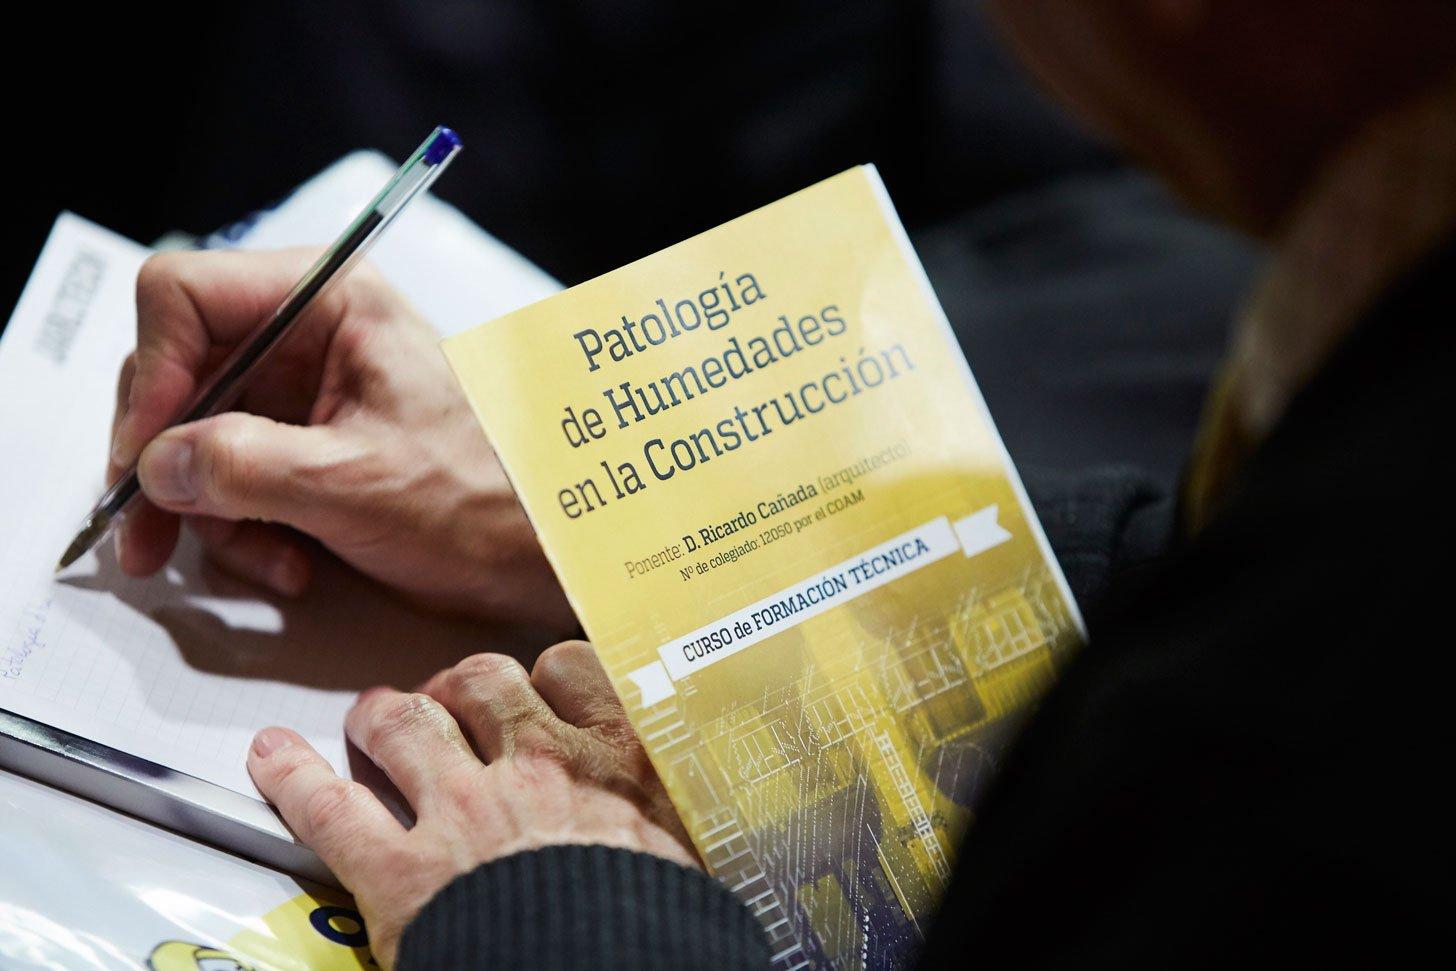 El curso sobre patolog as de las humedades estructurales for Curso mantenimiento de piscinas comunidad valenciana